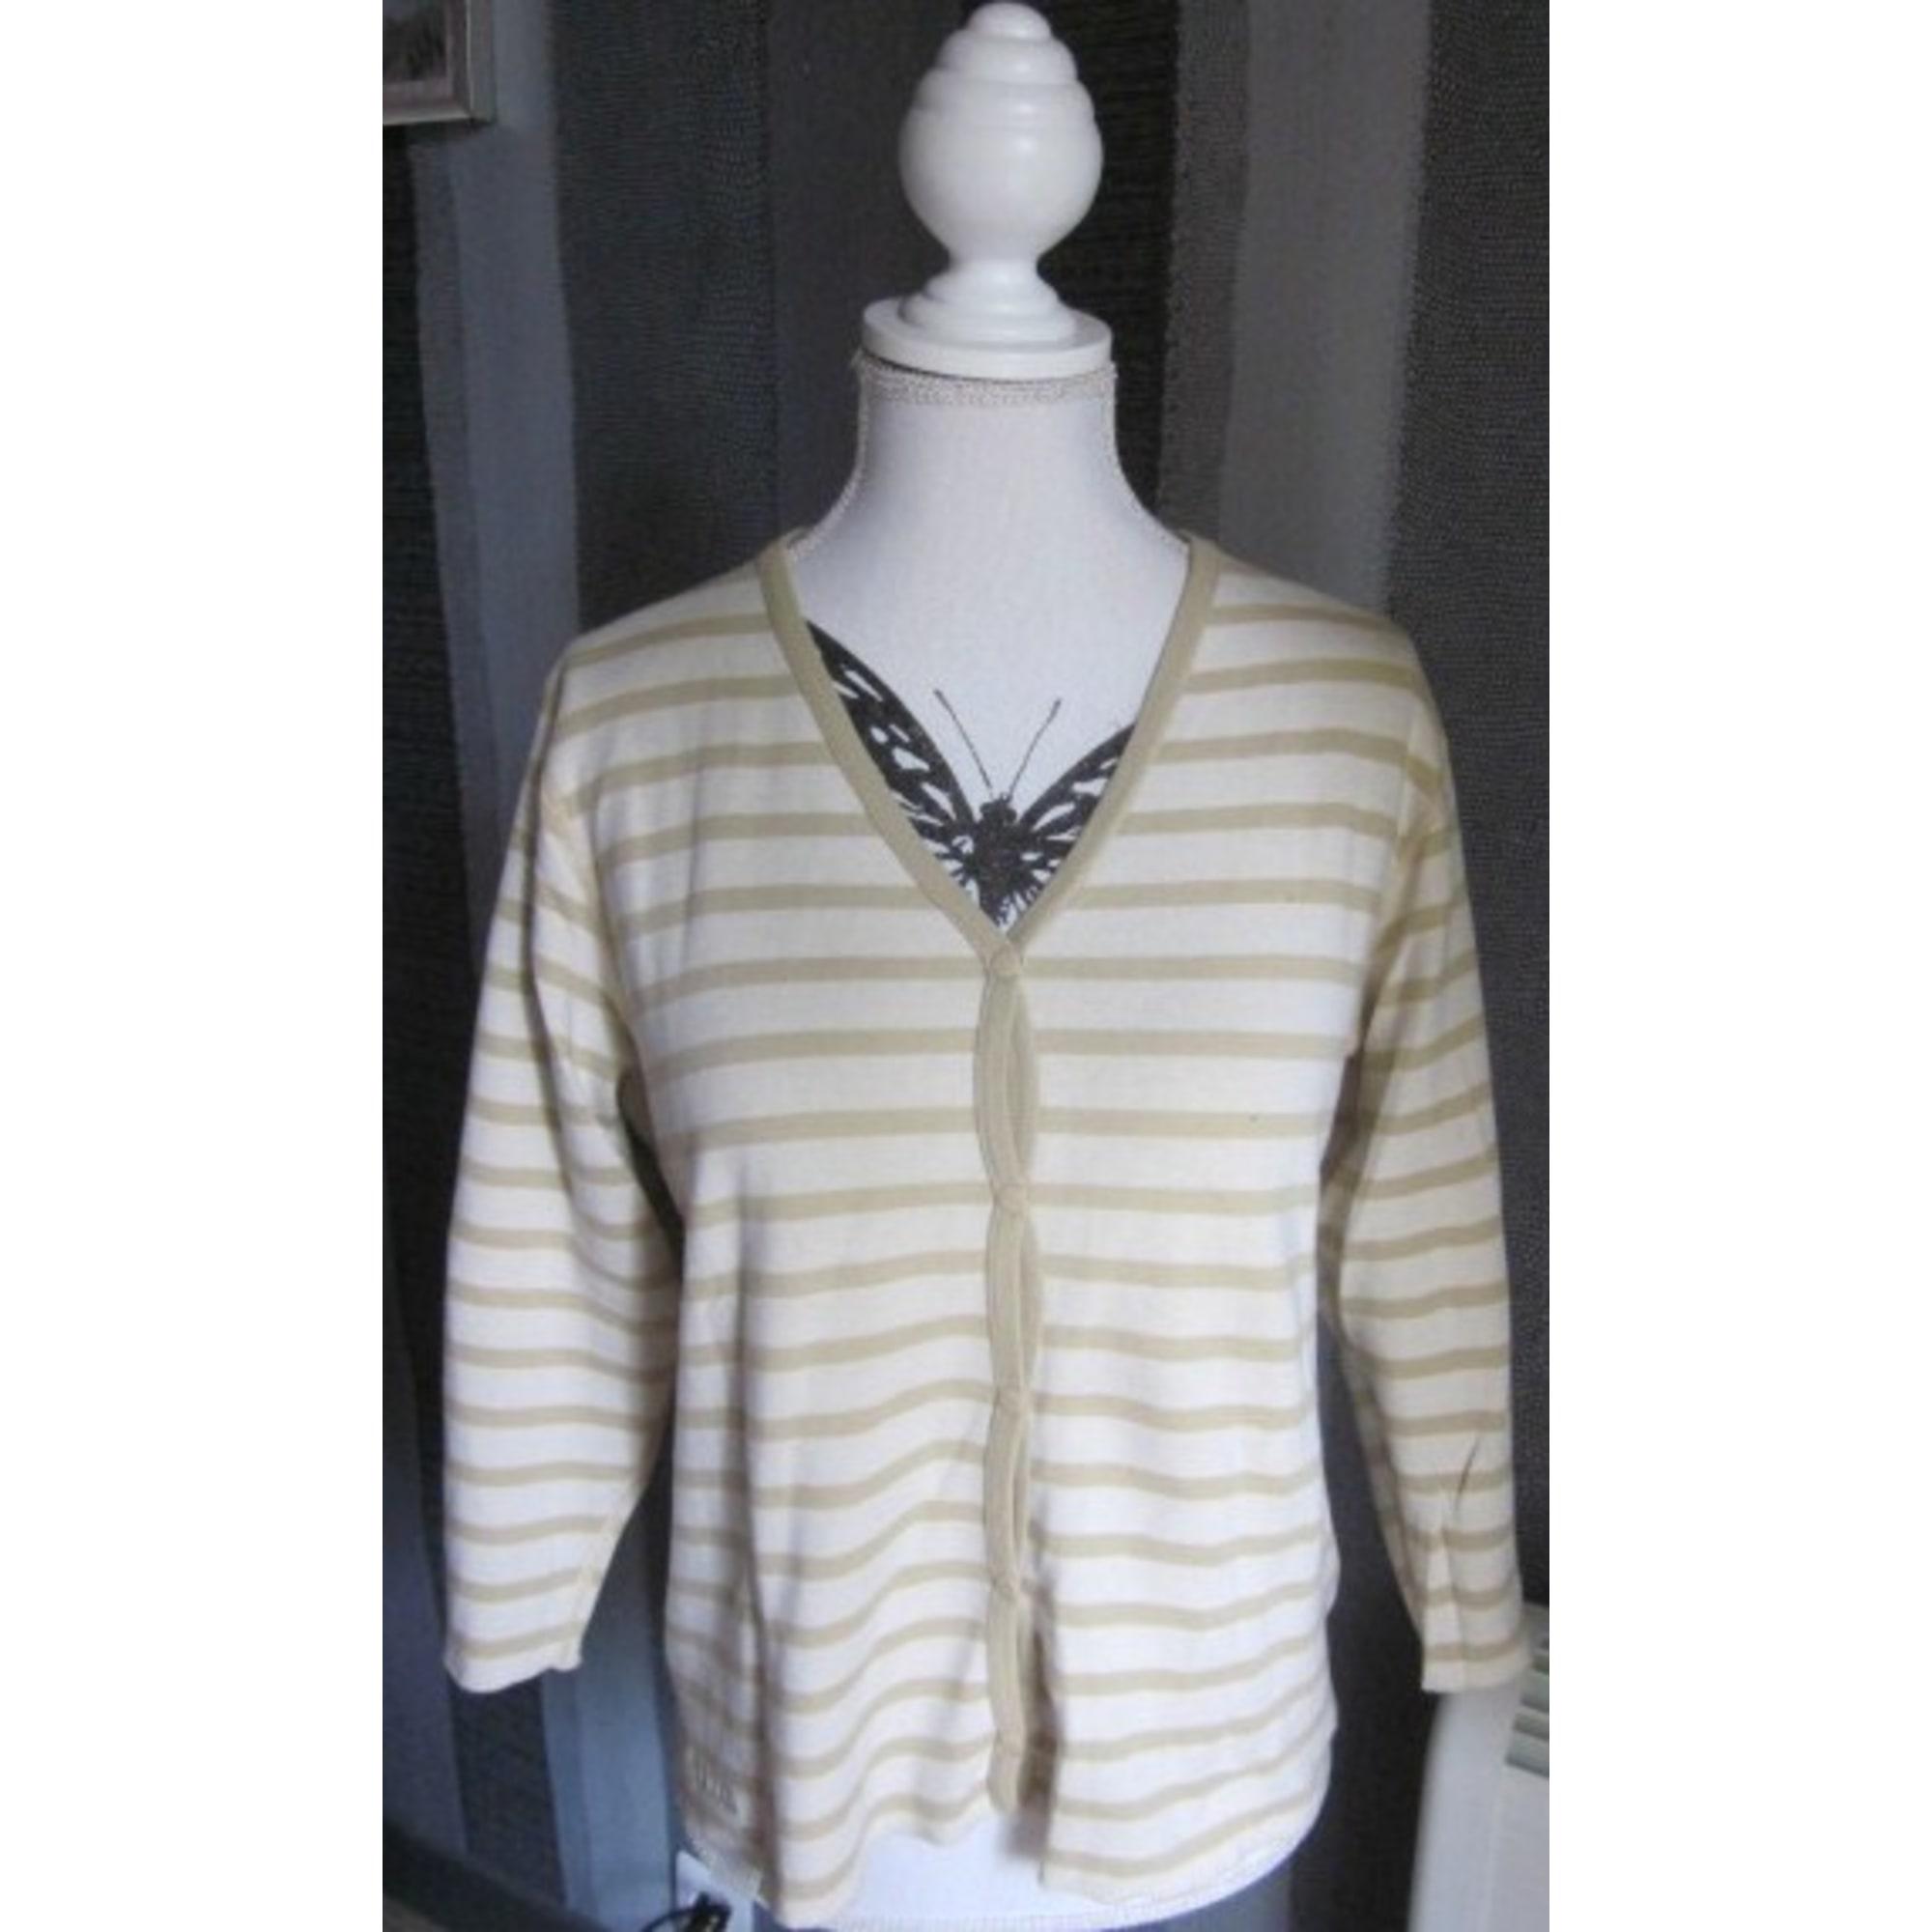 T4 beige cardigan LXL LE PETIT 42 2852592 BAIGNEUR Gilet v40Ywnn